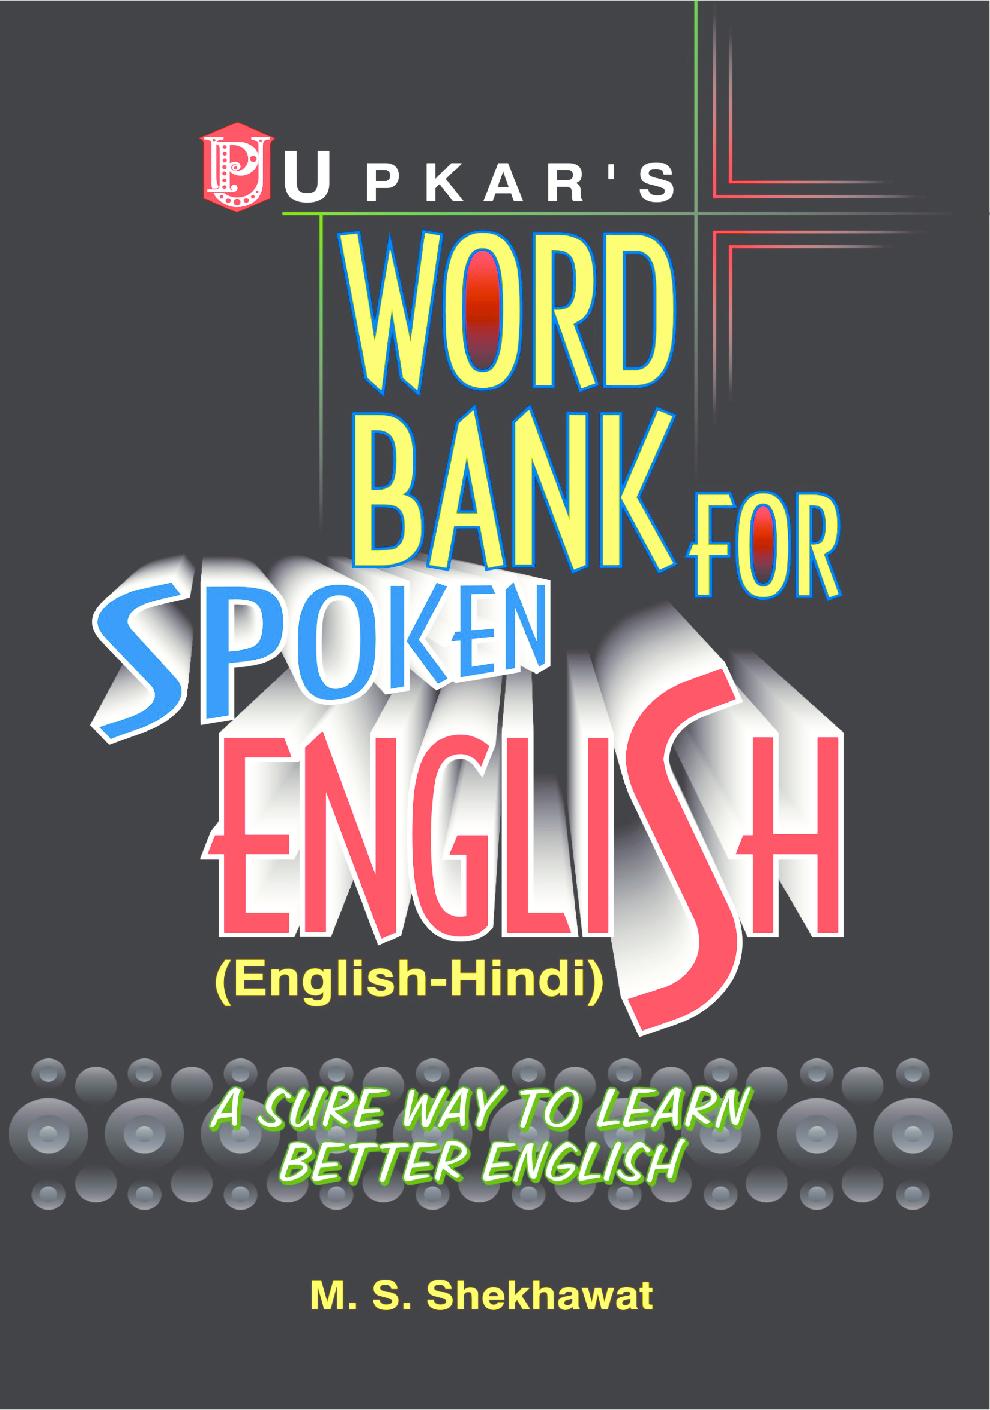 books to improve spoken english pdf